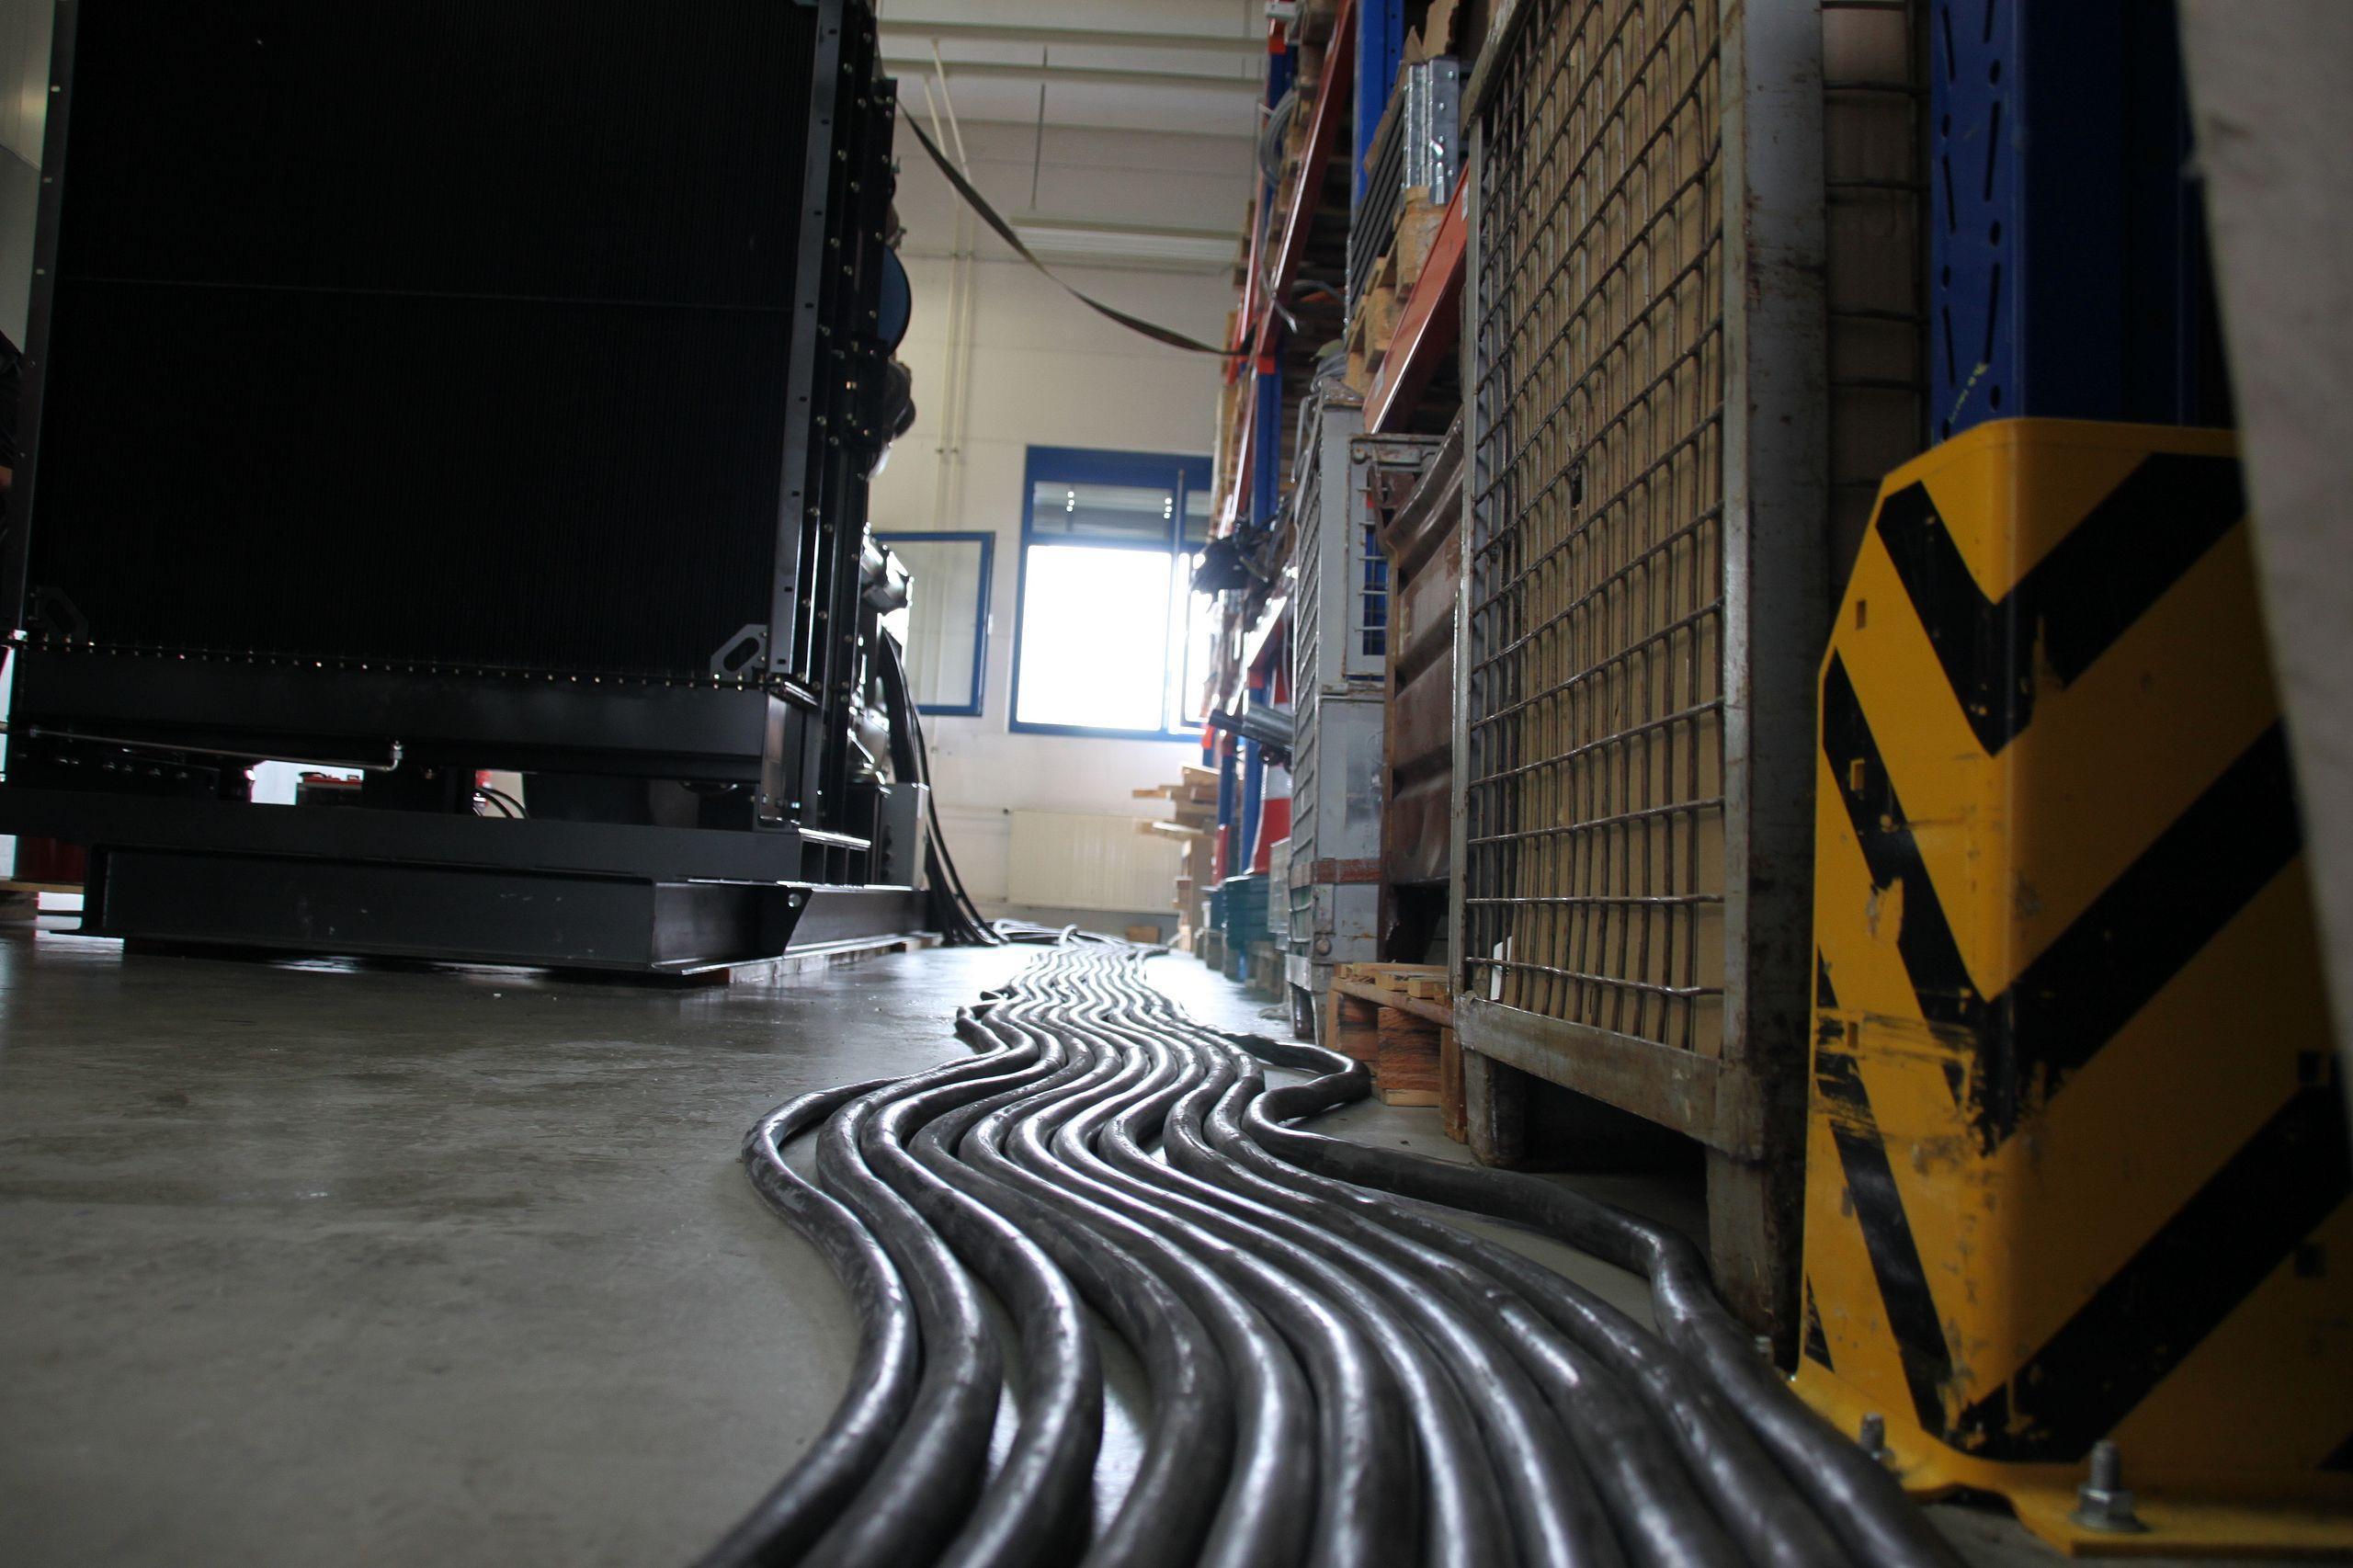 stromerzeuger diesel test | DIN VDE 0100-718 | DIN 6280-13